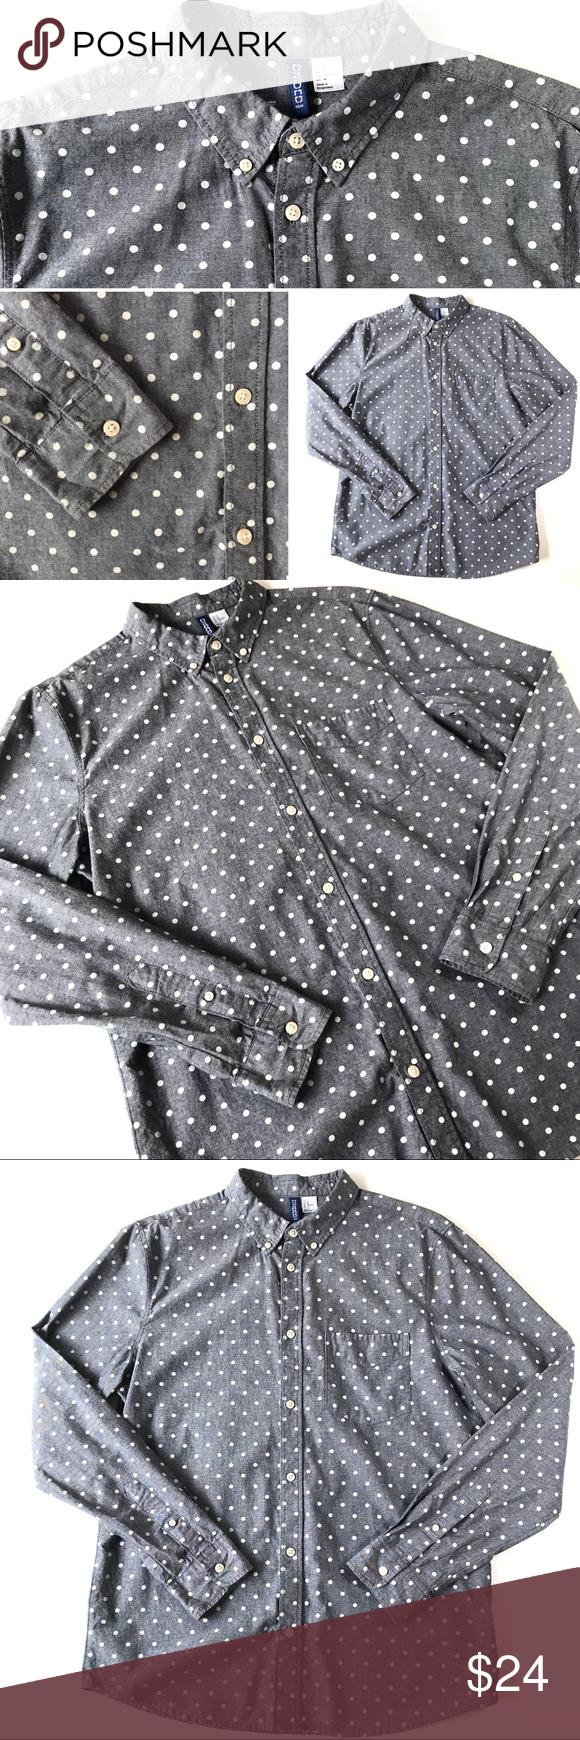 d74625303 H&M l Men's polka dot long sleeve shirt H&M Divided men's long sleeved gray  chambray shirt